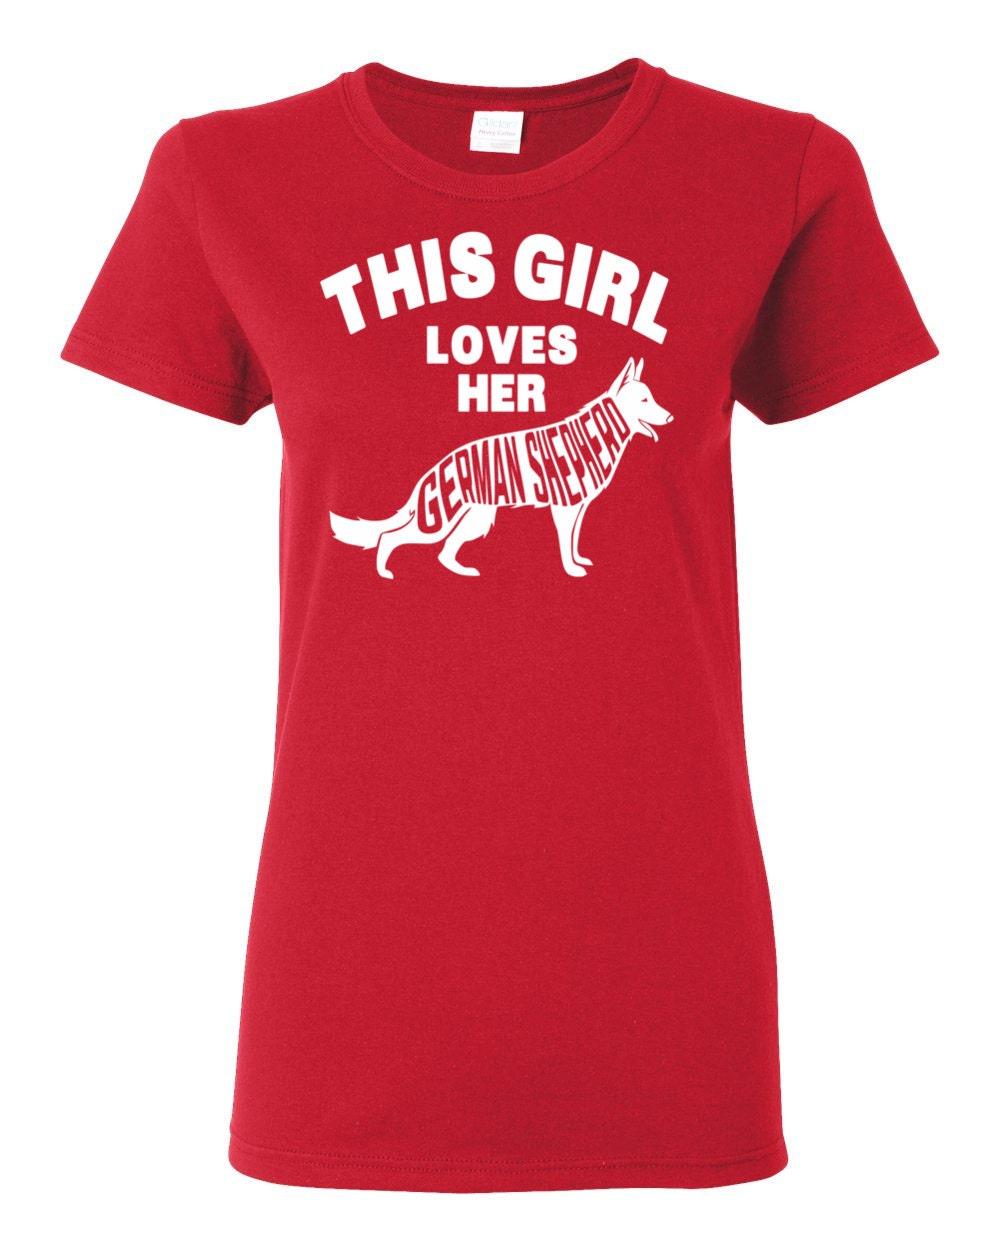 German Shepherd T-shirt - This Girl Loves Her German Shepherd - My Dog German Shepherd Womens T-shirt